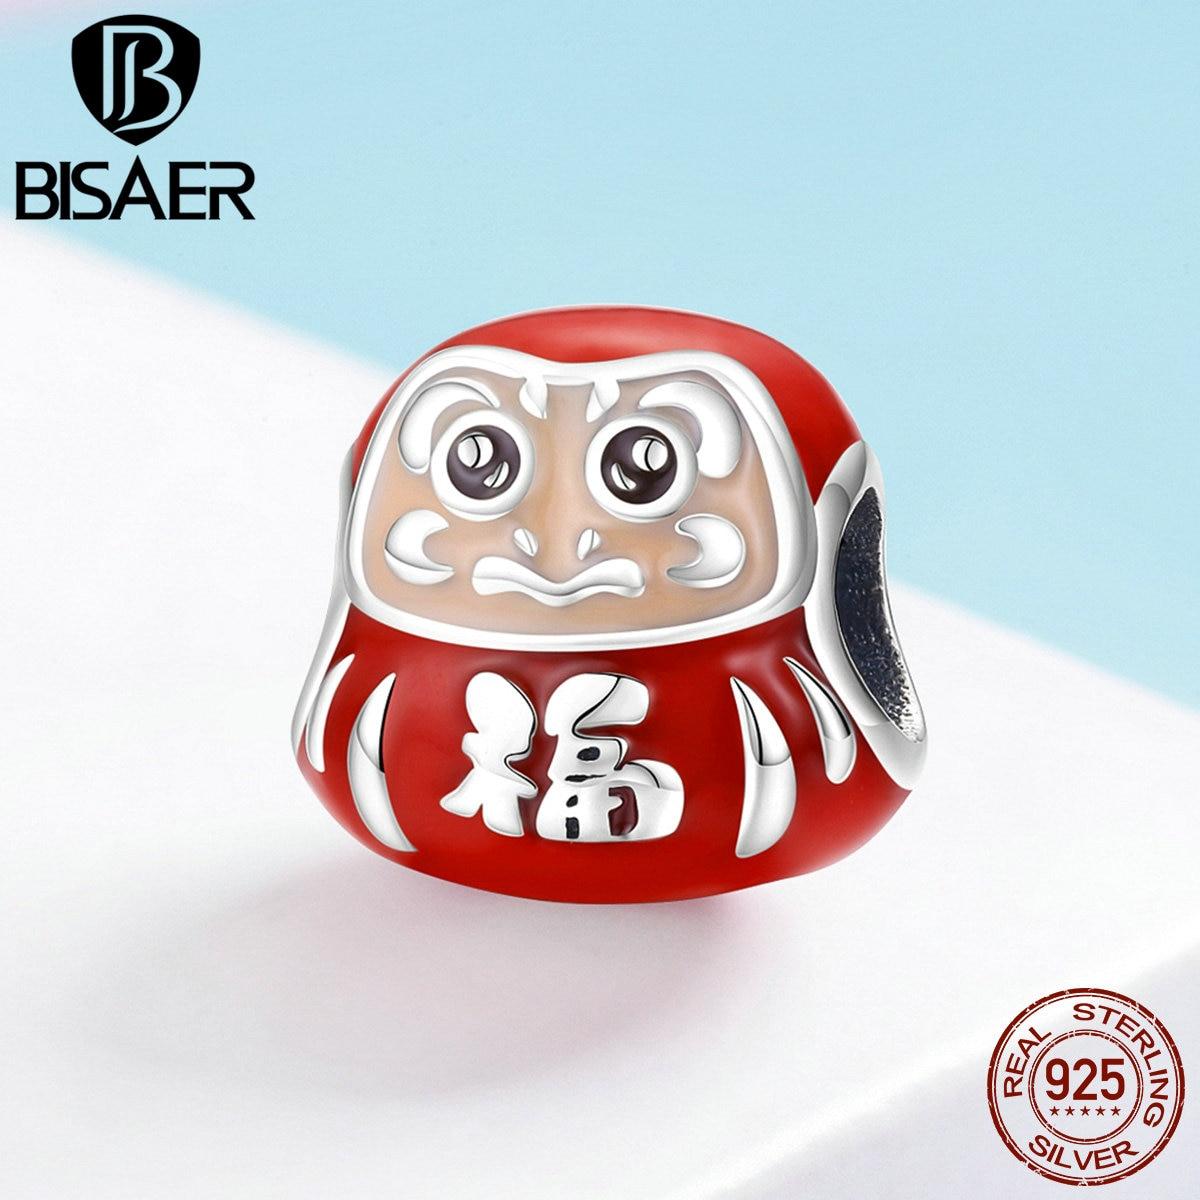 Браслеты для девочек BISAER Lucky, из стерлингового серебра 925 пробы, японская Дарума, амулеты с Красной эмалированной подвеской, сделай сам, ECC1087